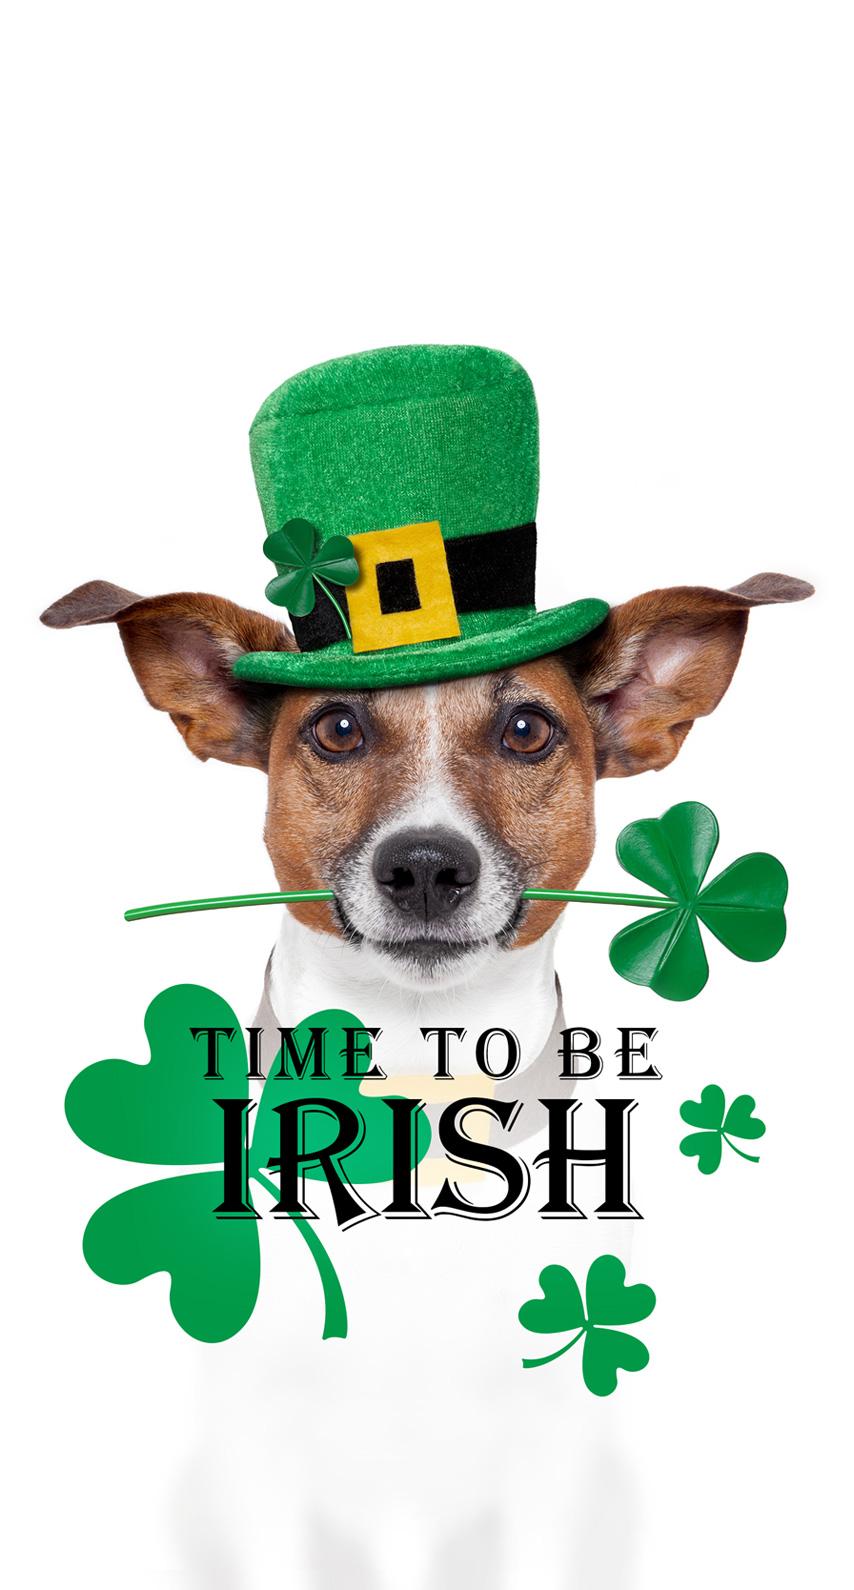 dog breed, irish